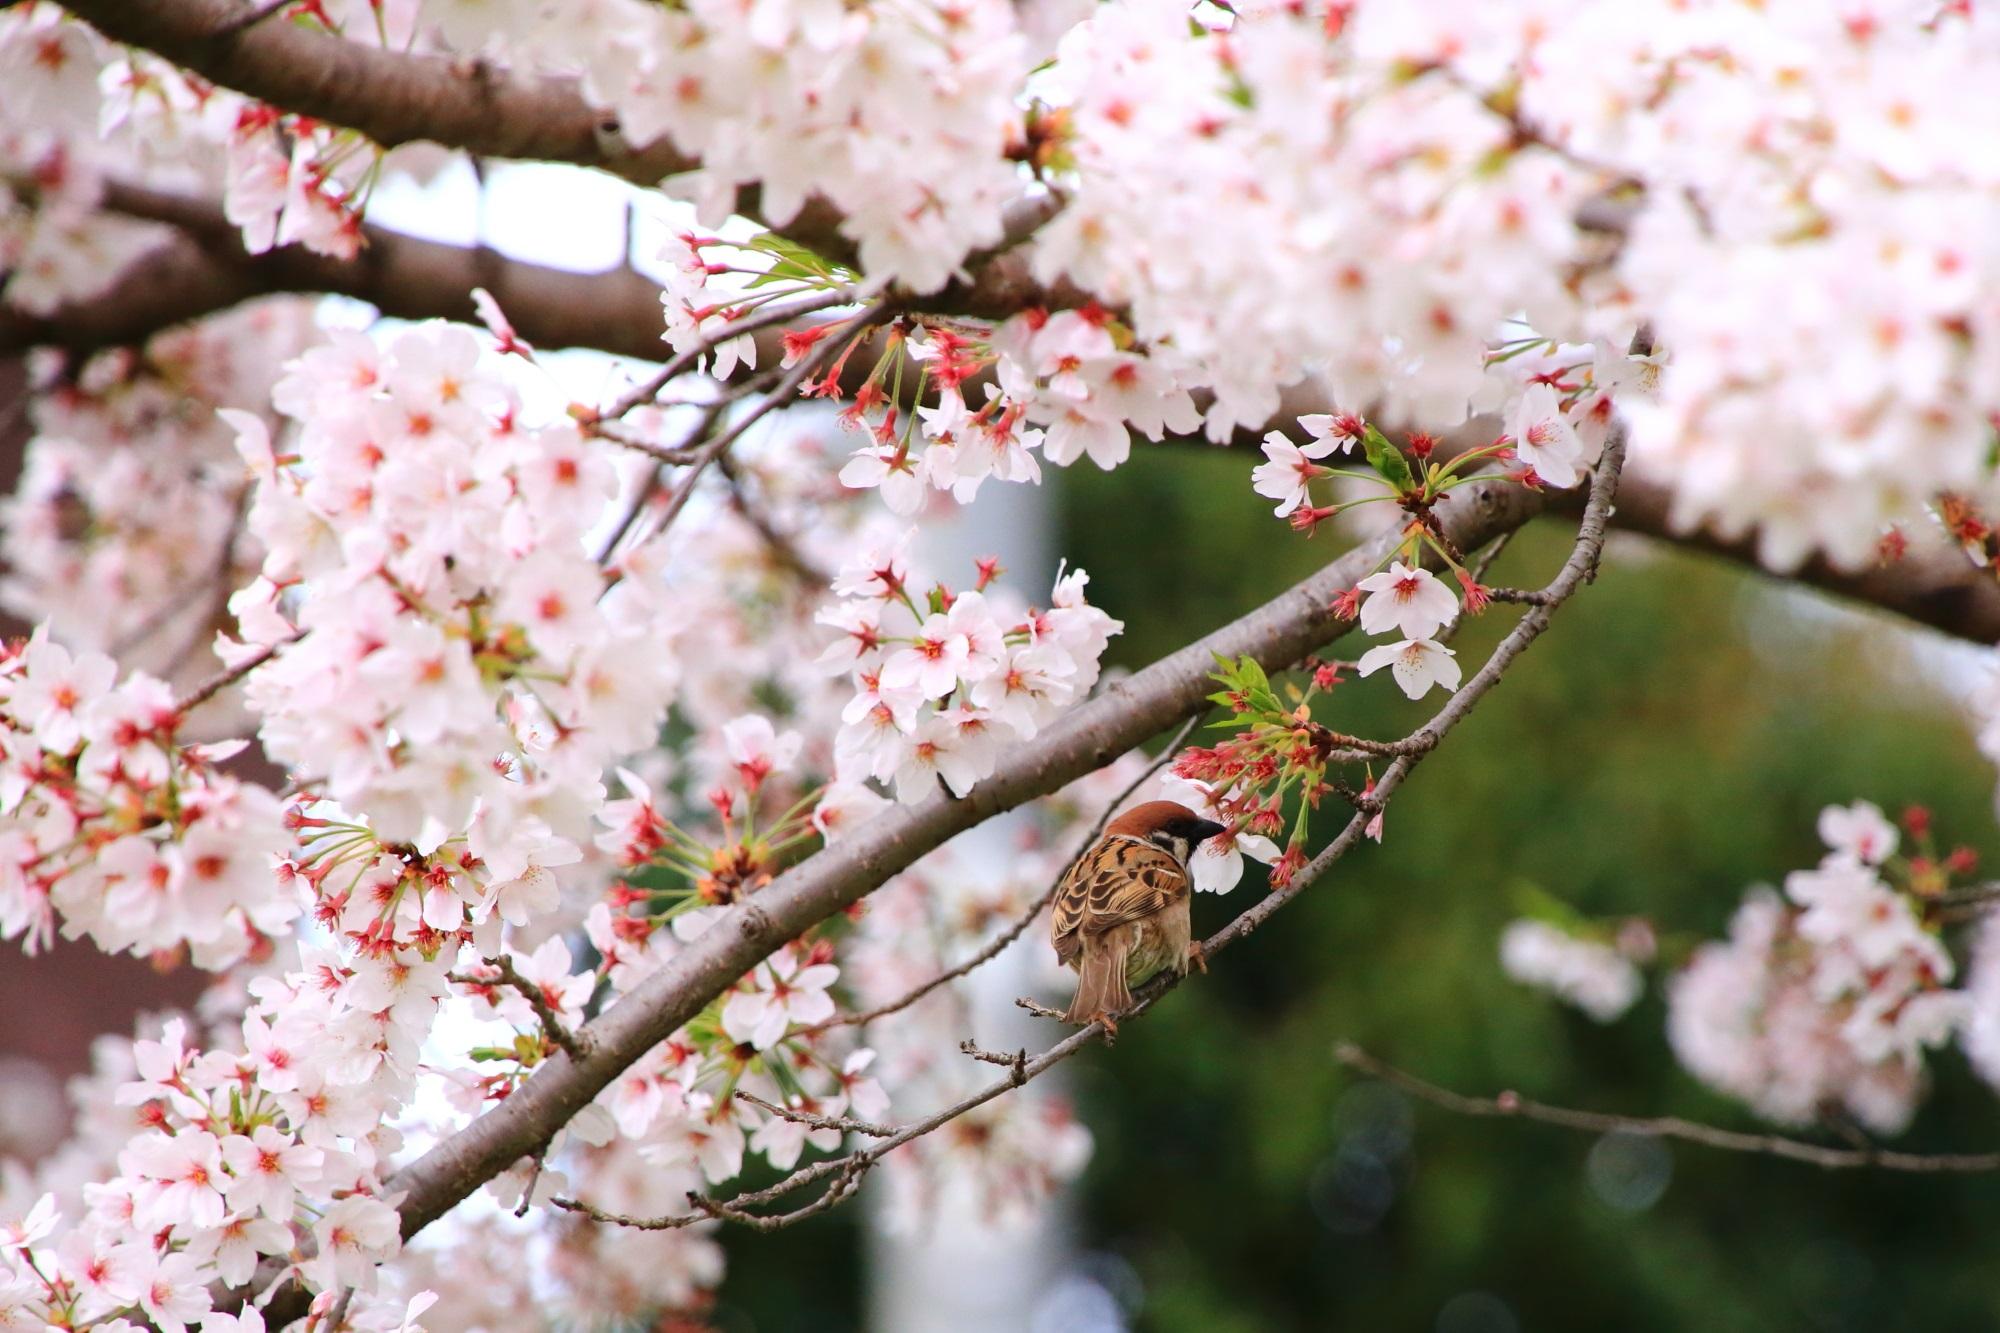 満開の桜の中で戯れるスズメさん